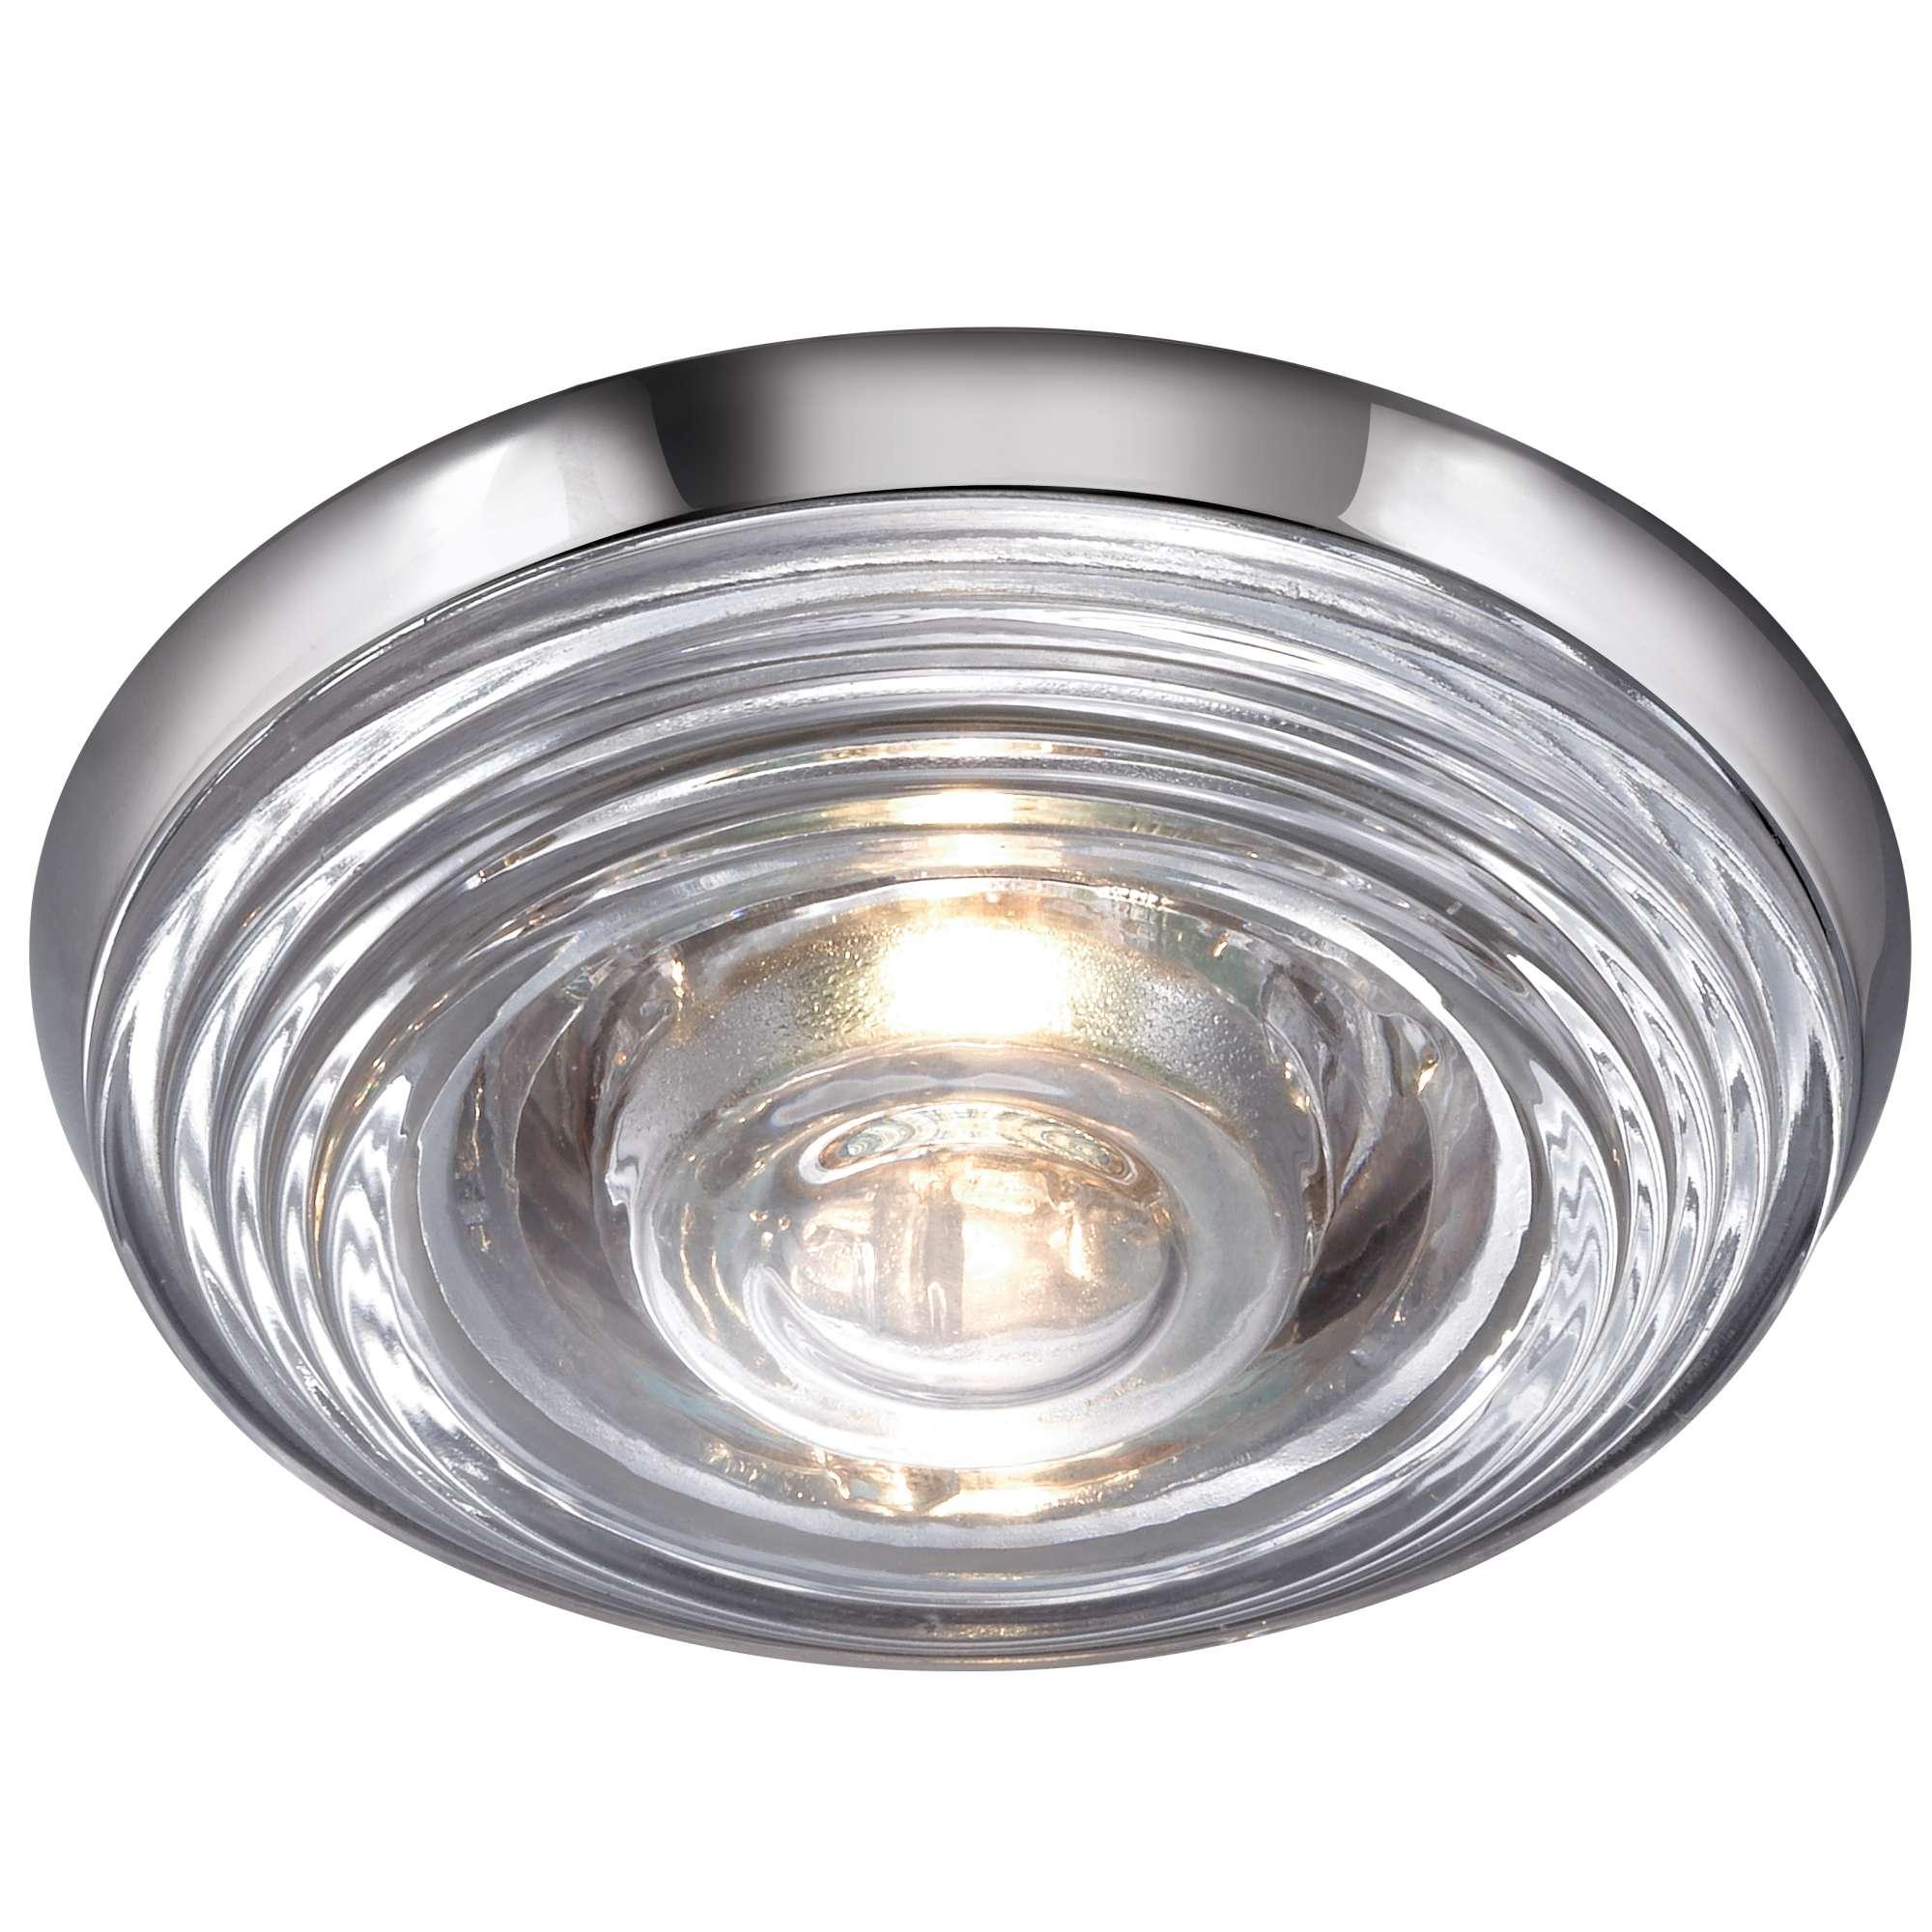 Светильник встраиваемый Novotech Aqua nt12 180 369812 точечный светильник novotech 369812